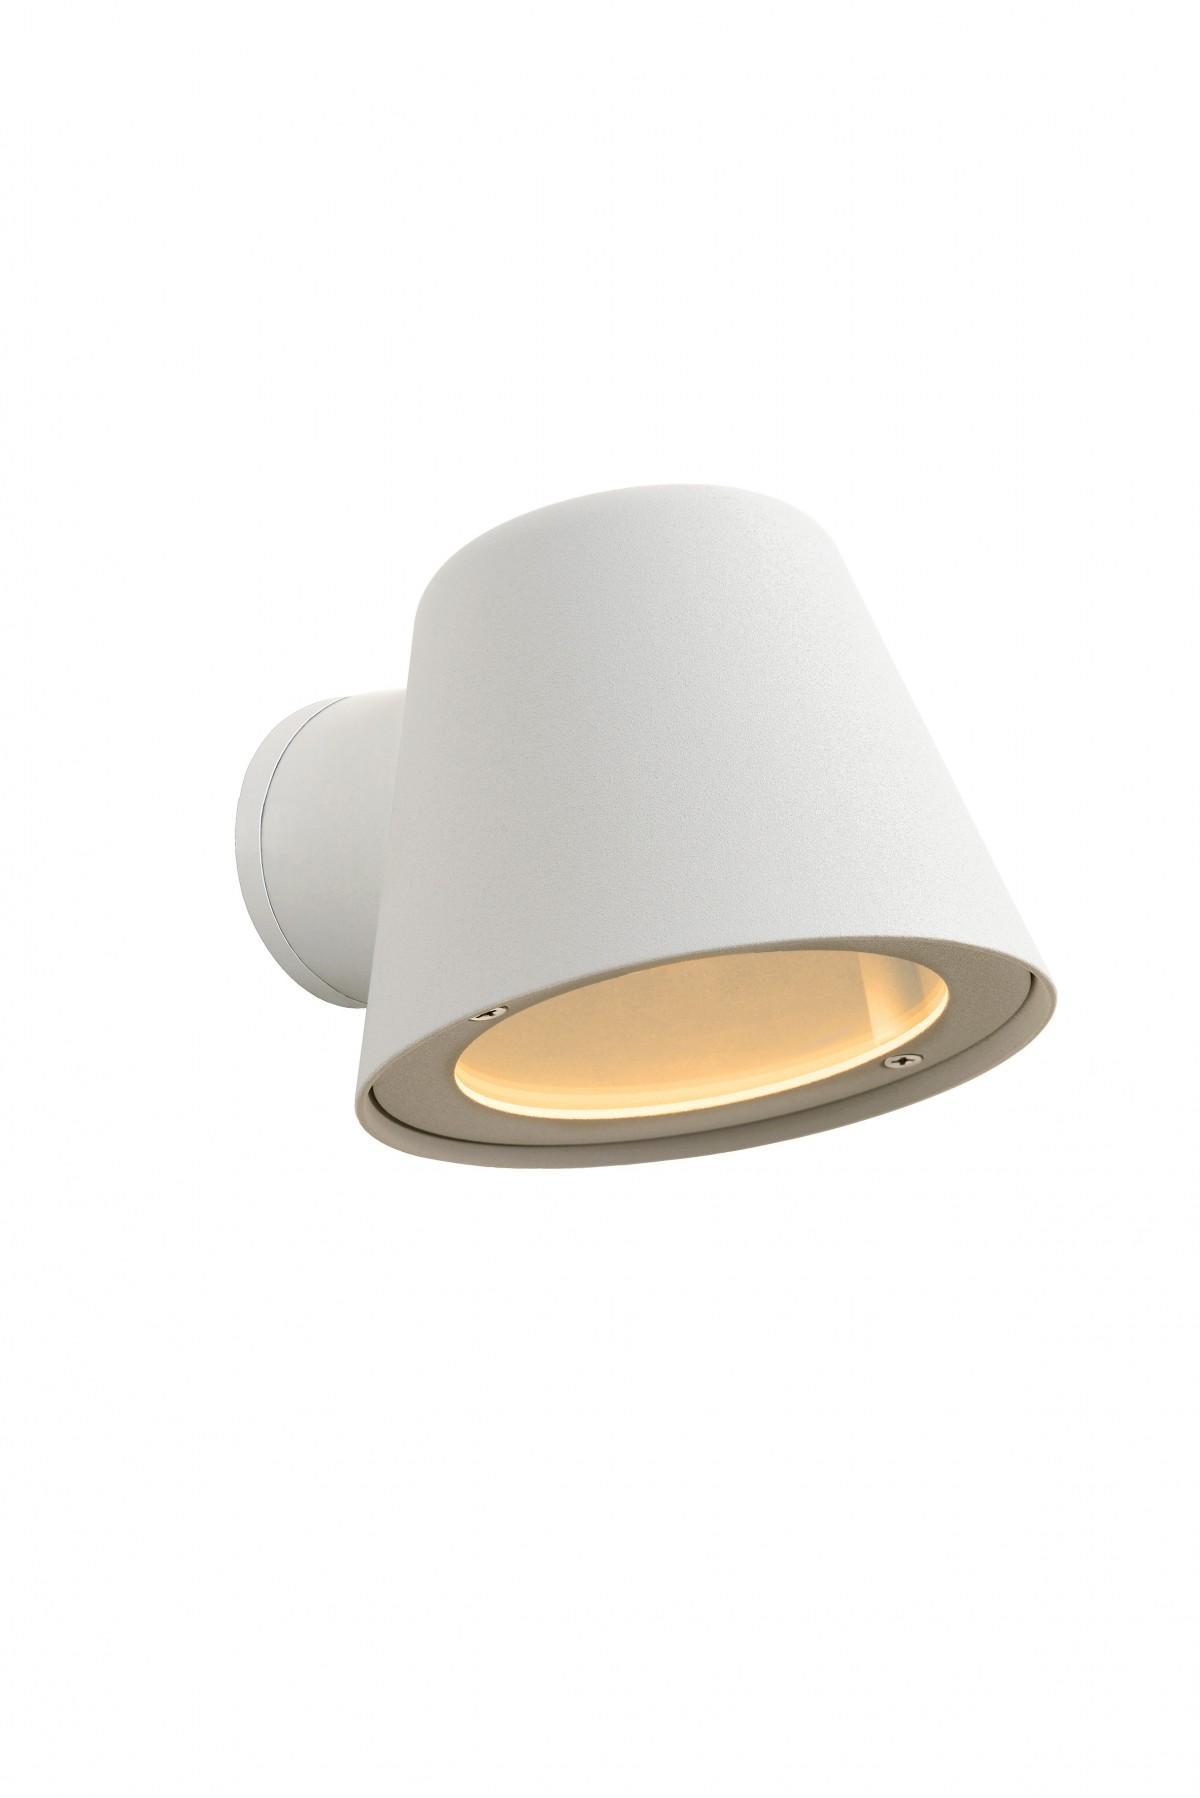 LED venkovní nástěnné svítidlo lampa Lucide Dingo 14881/05/31 1x5W GU10 - moderní venkovka